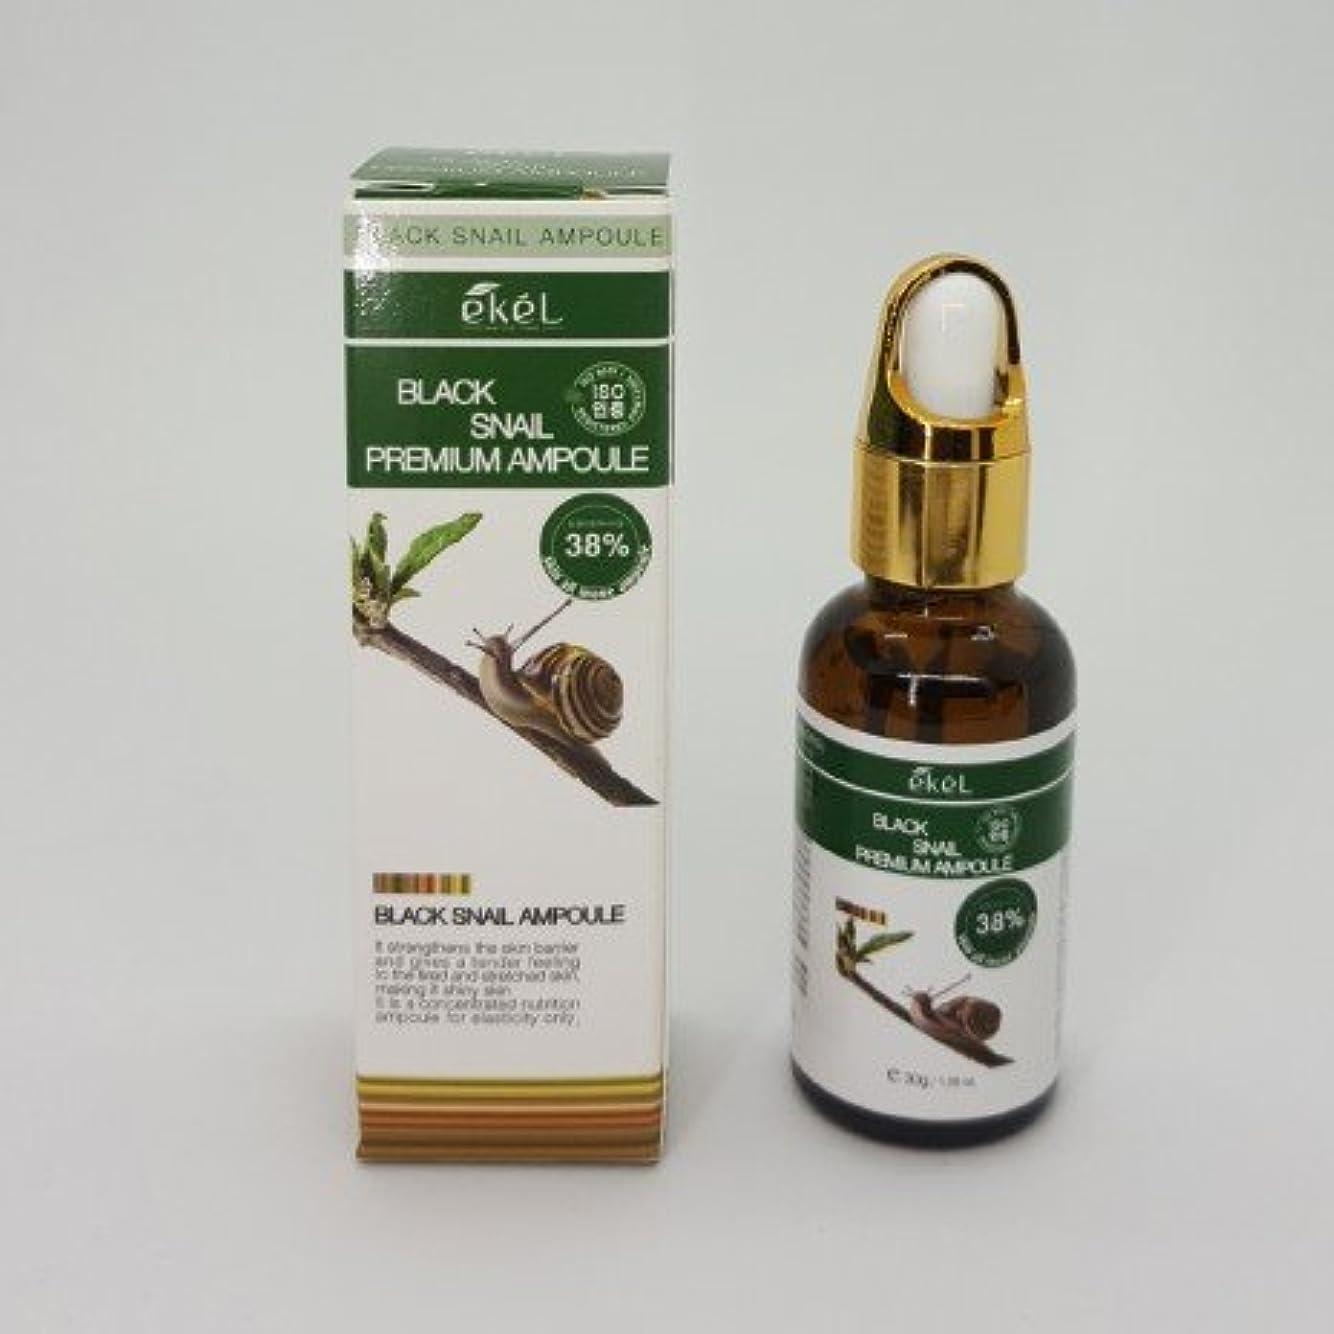 シュリンク戦士再編成する[EKEL] Black Snail Premium Ampoule 38% - 30g